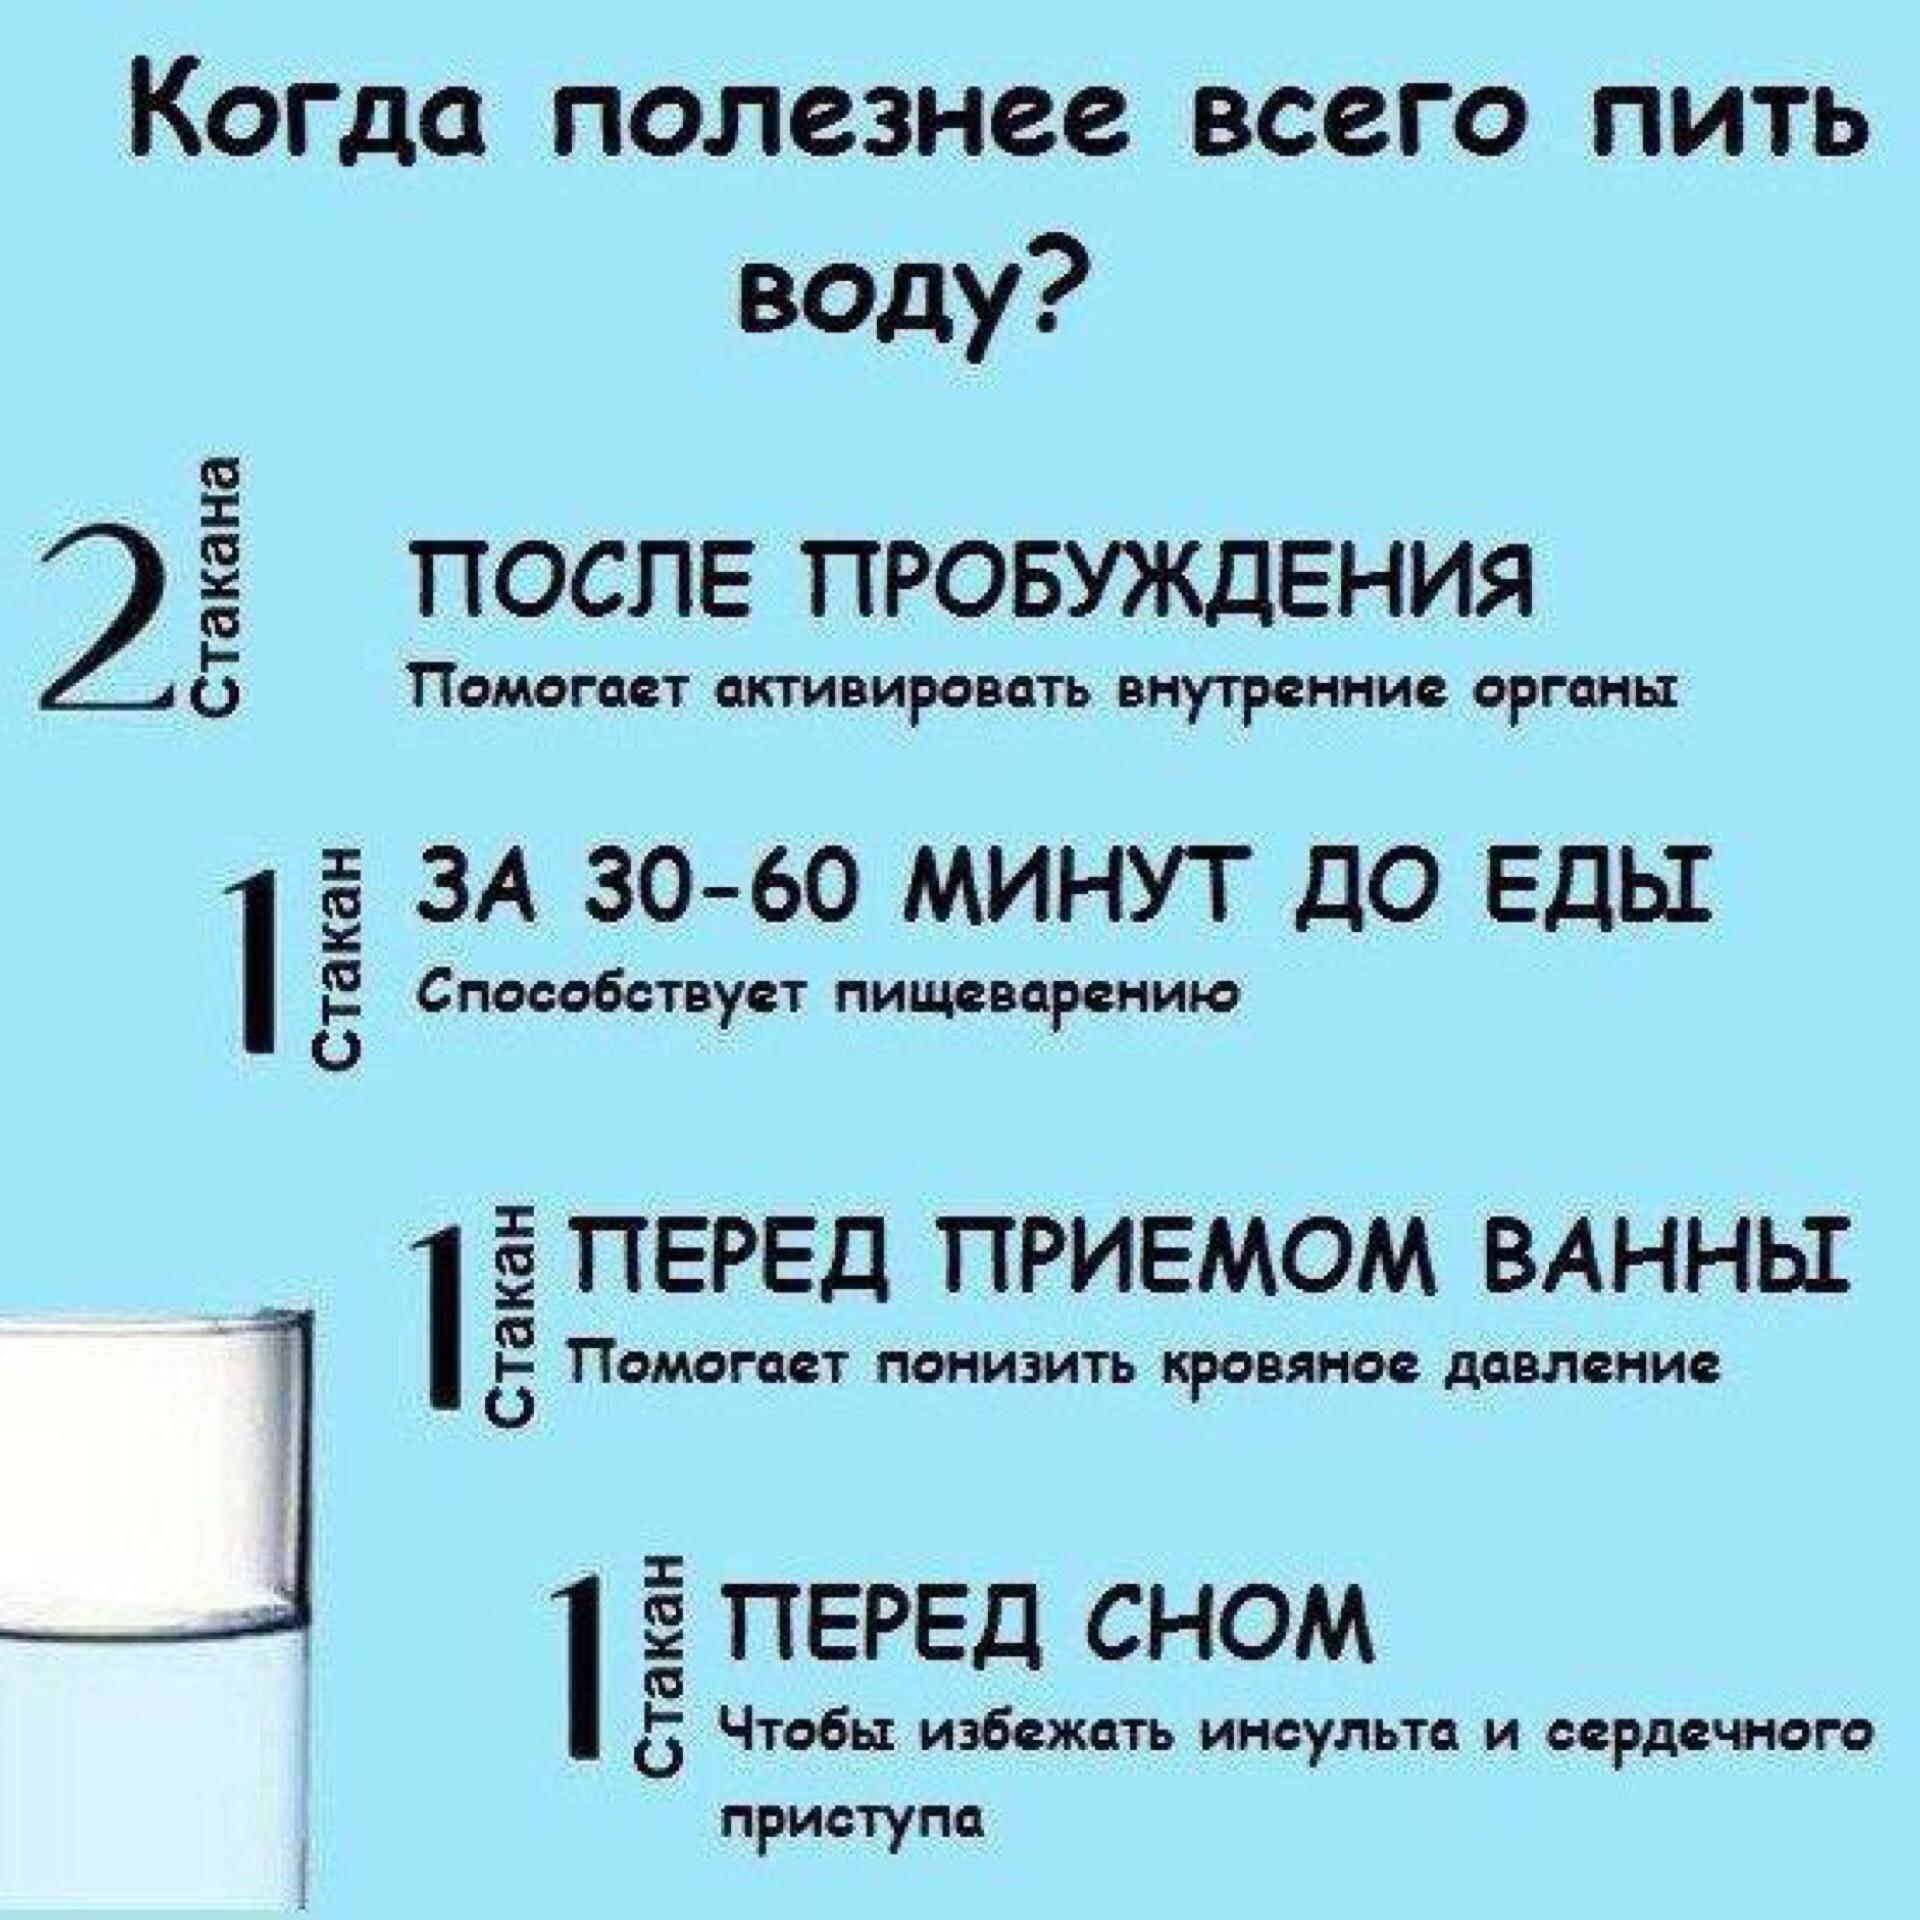 8 стаканов воды в день для похудения фото